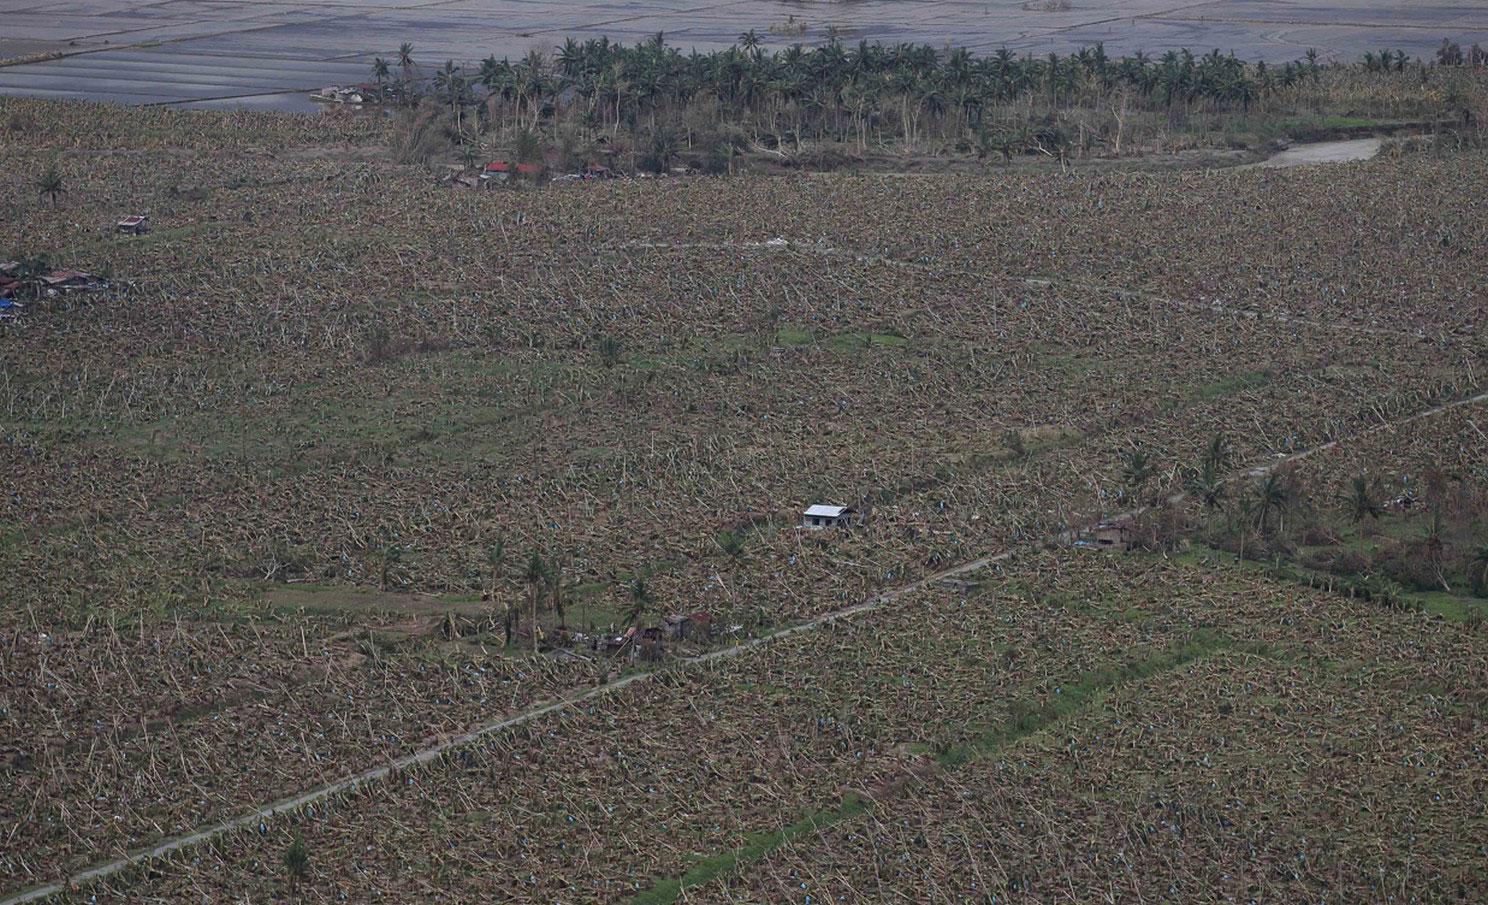 гибель сельскохозяйственных культур в наводнении, фото